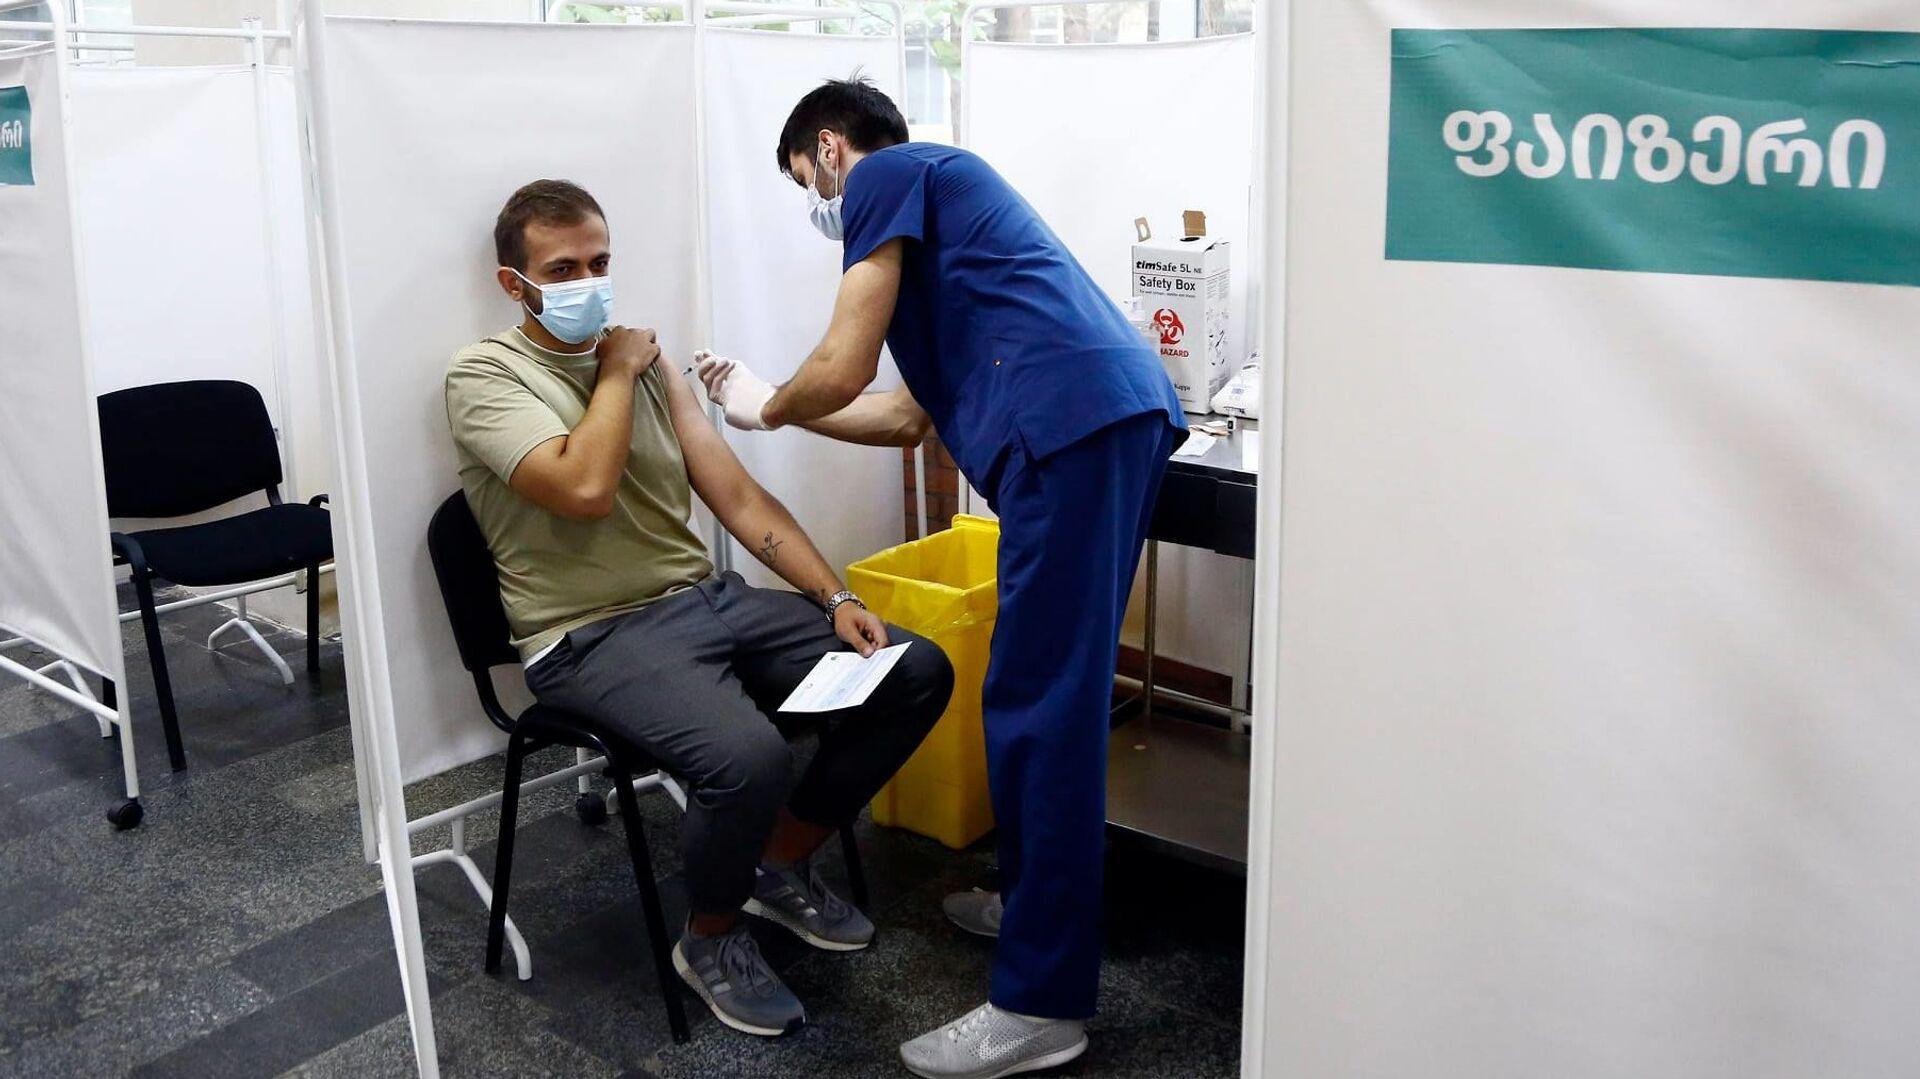 Вакцинация в Тбилисском техническом университете  - Sputnik Грузия, 1920, 05.10.2021